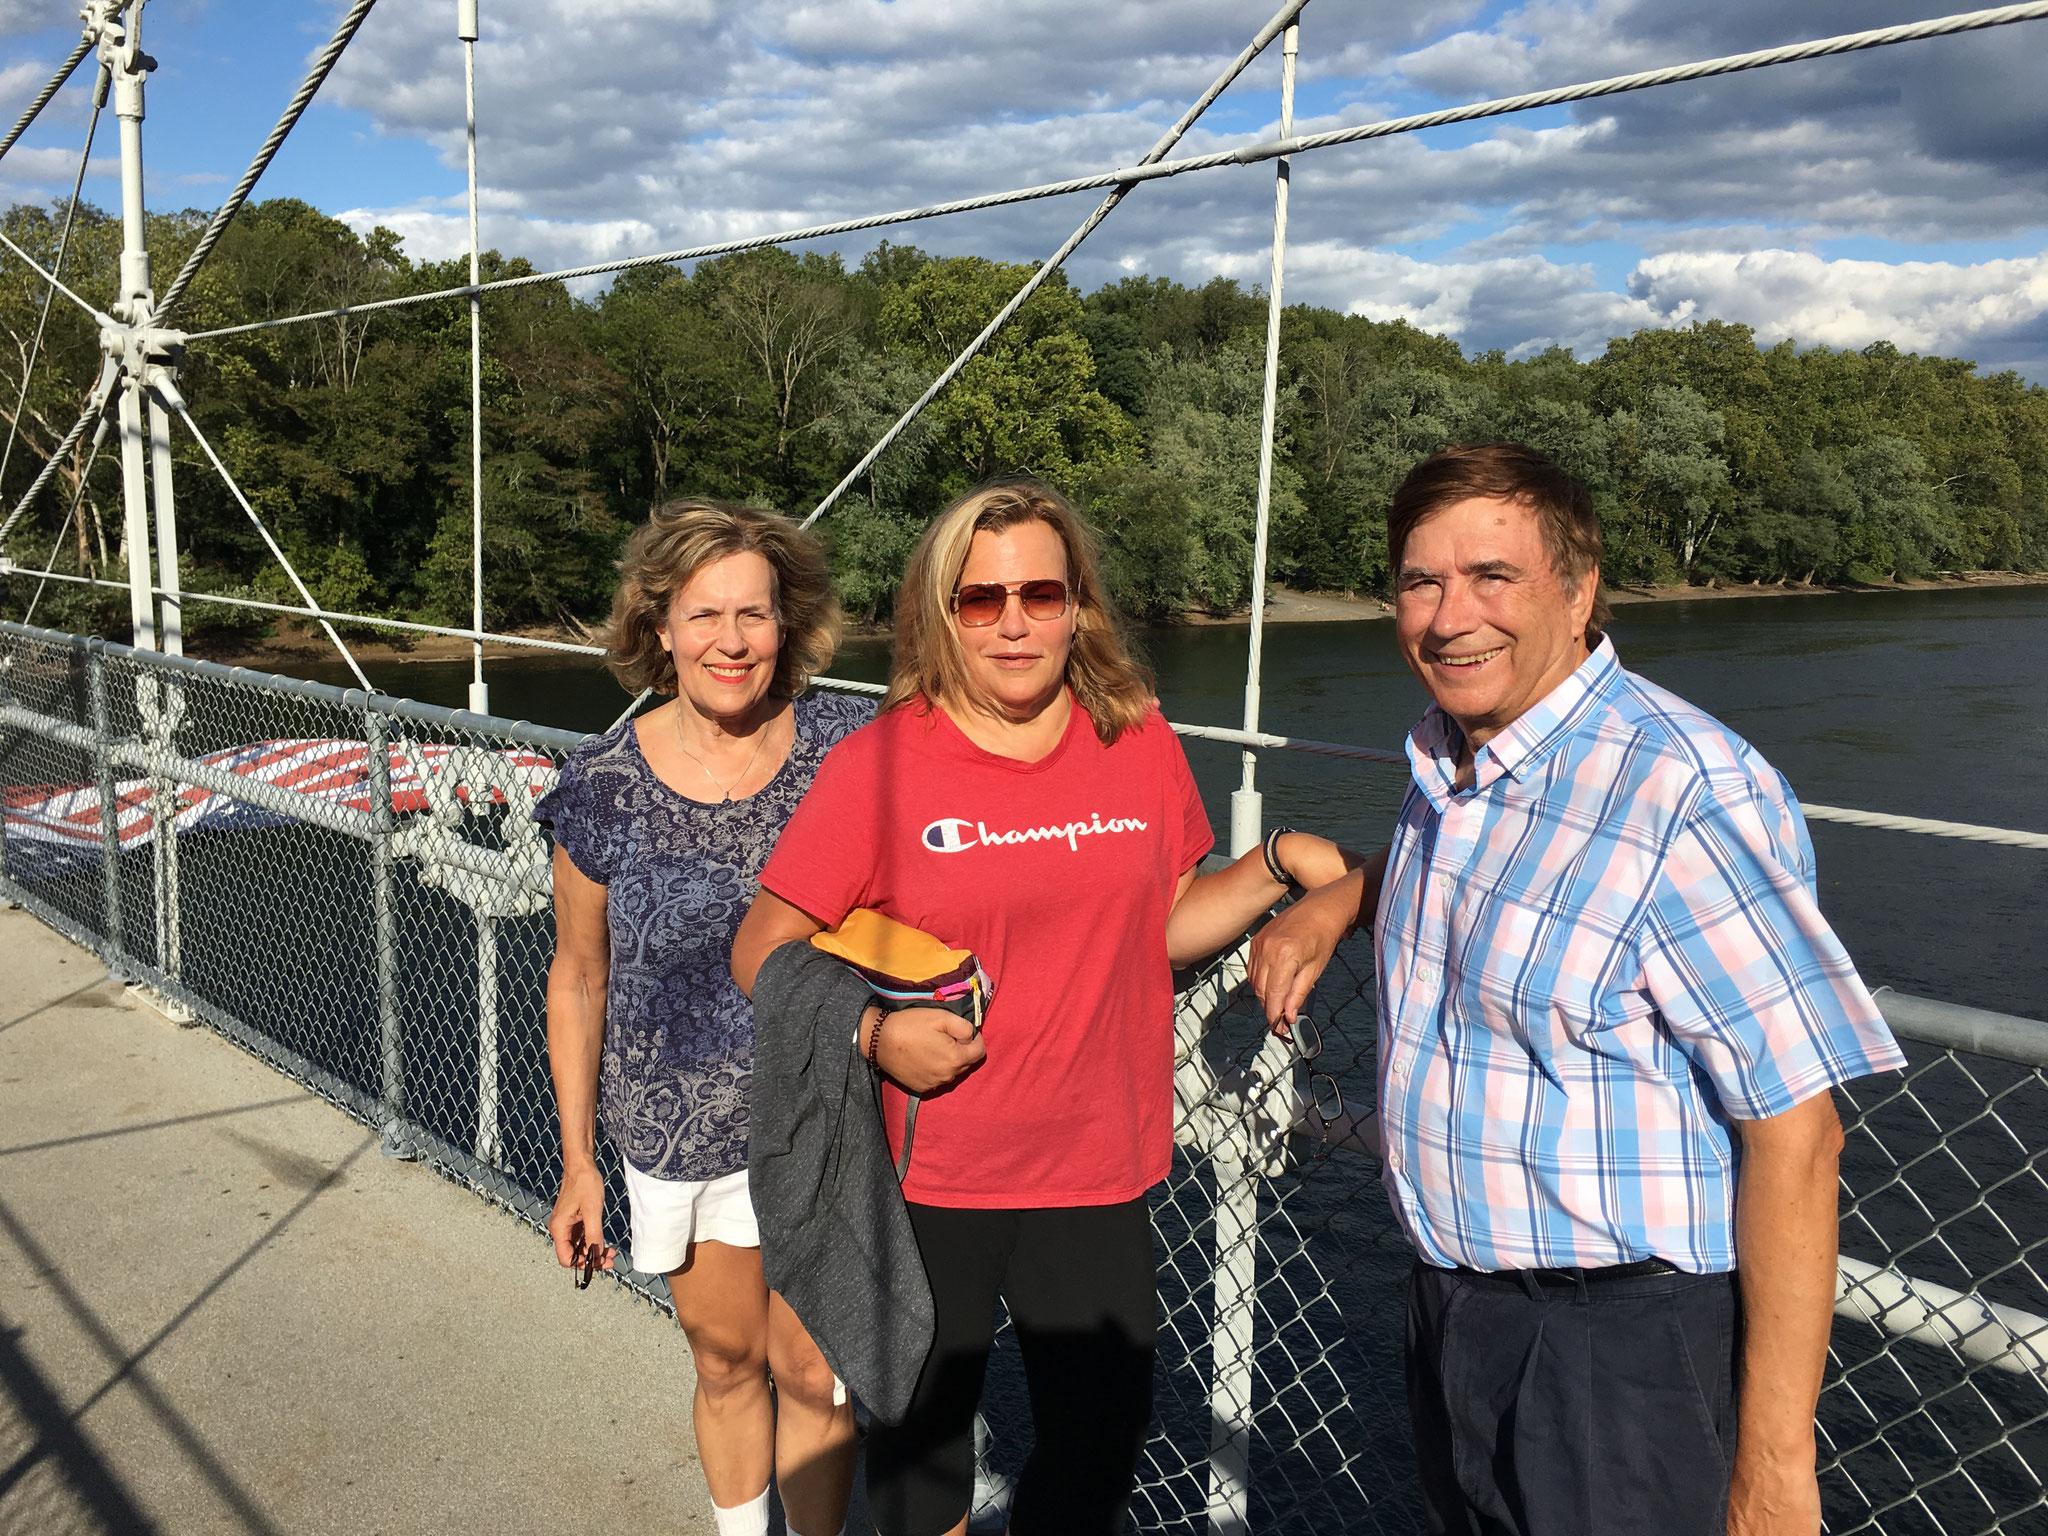 Lorraine Gudas, Celeste, John Wagner, Delaware River, 2019